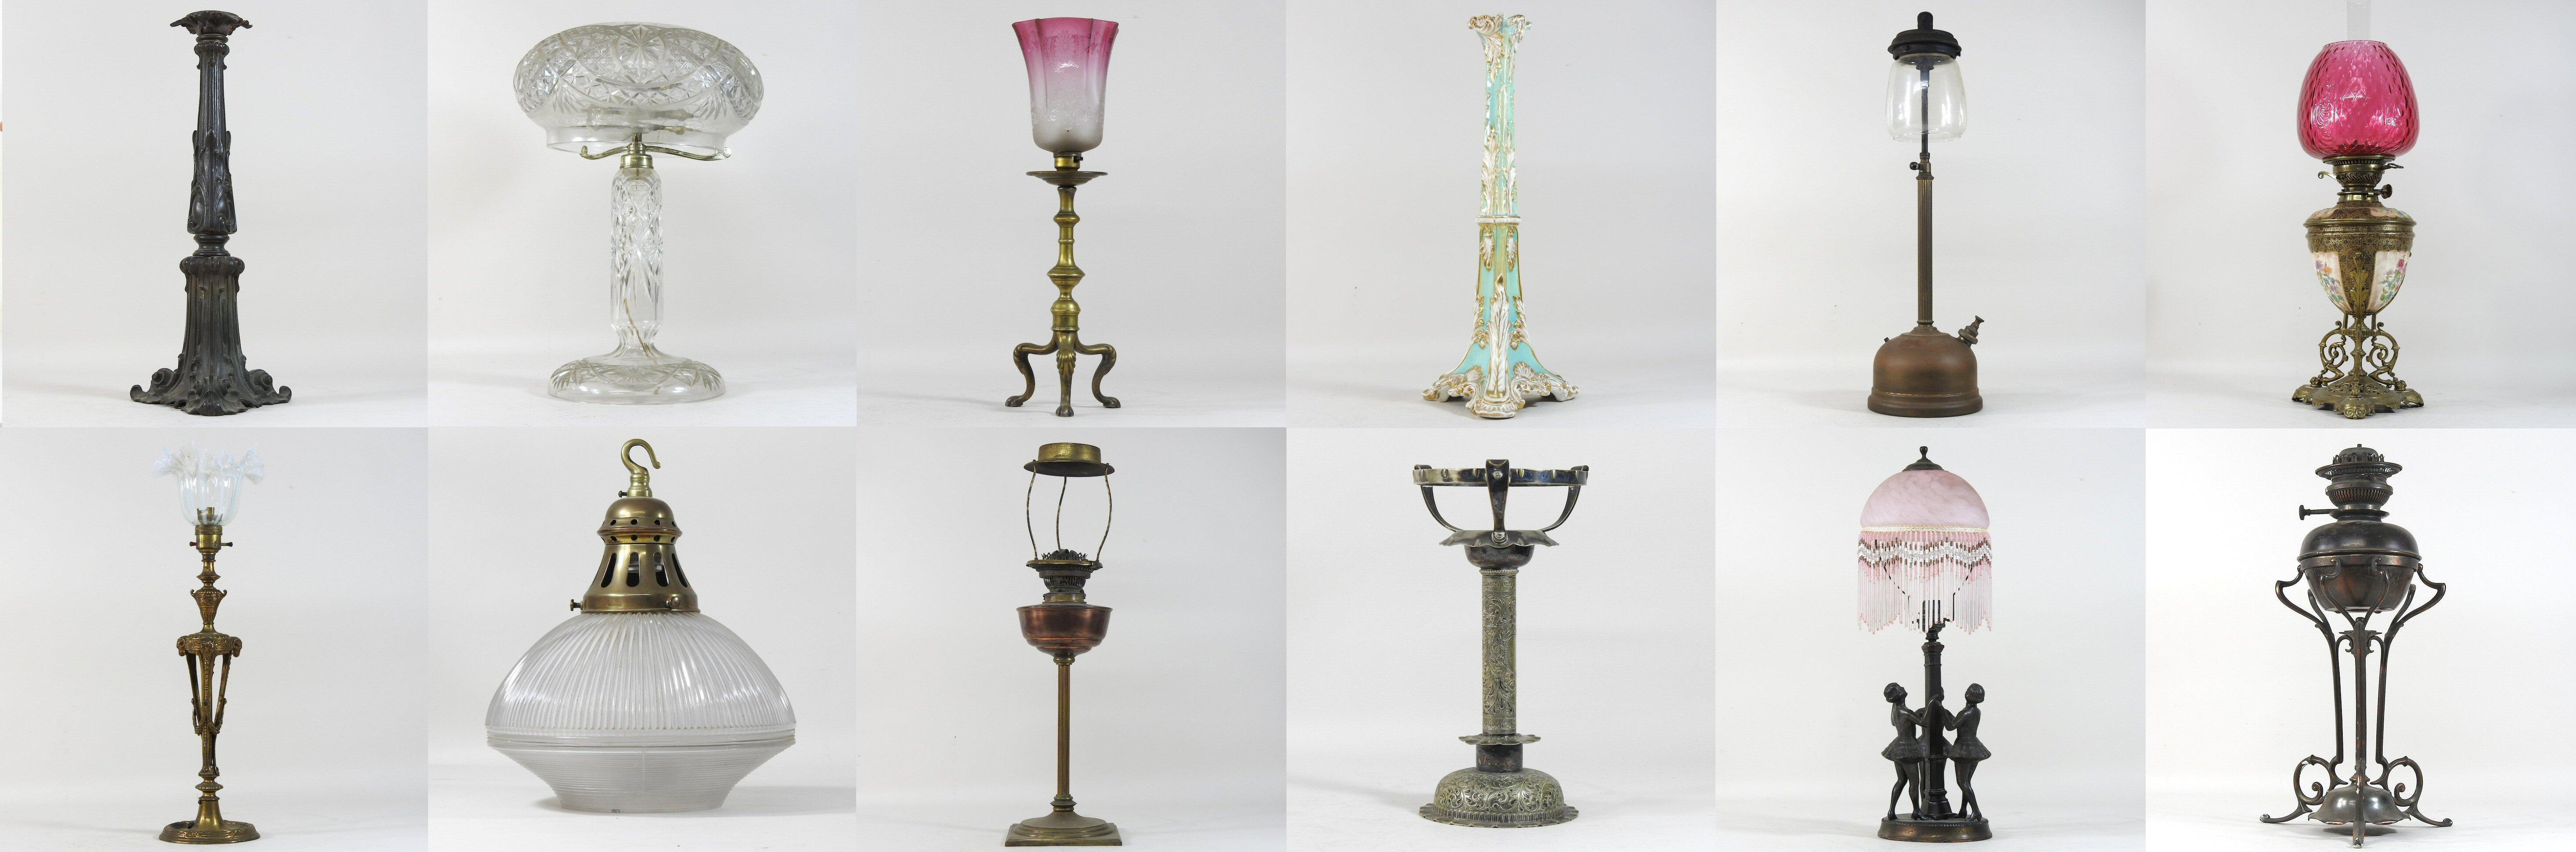 Interiors auction